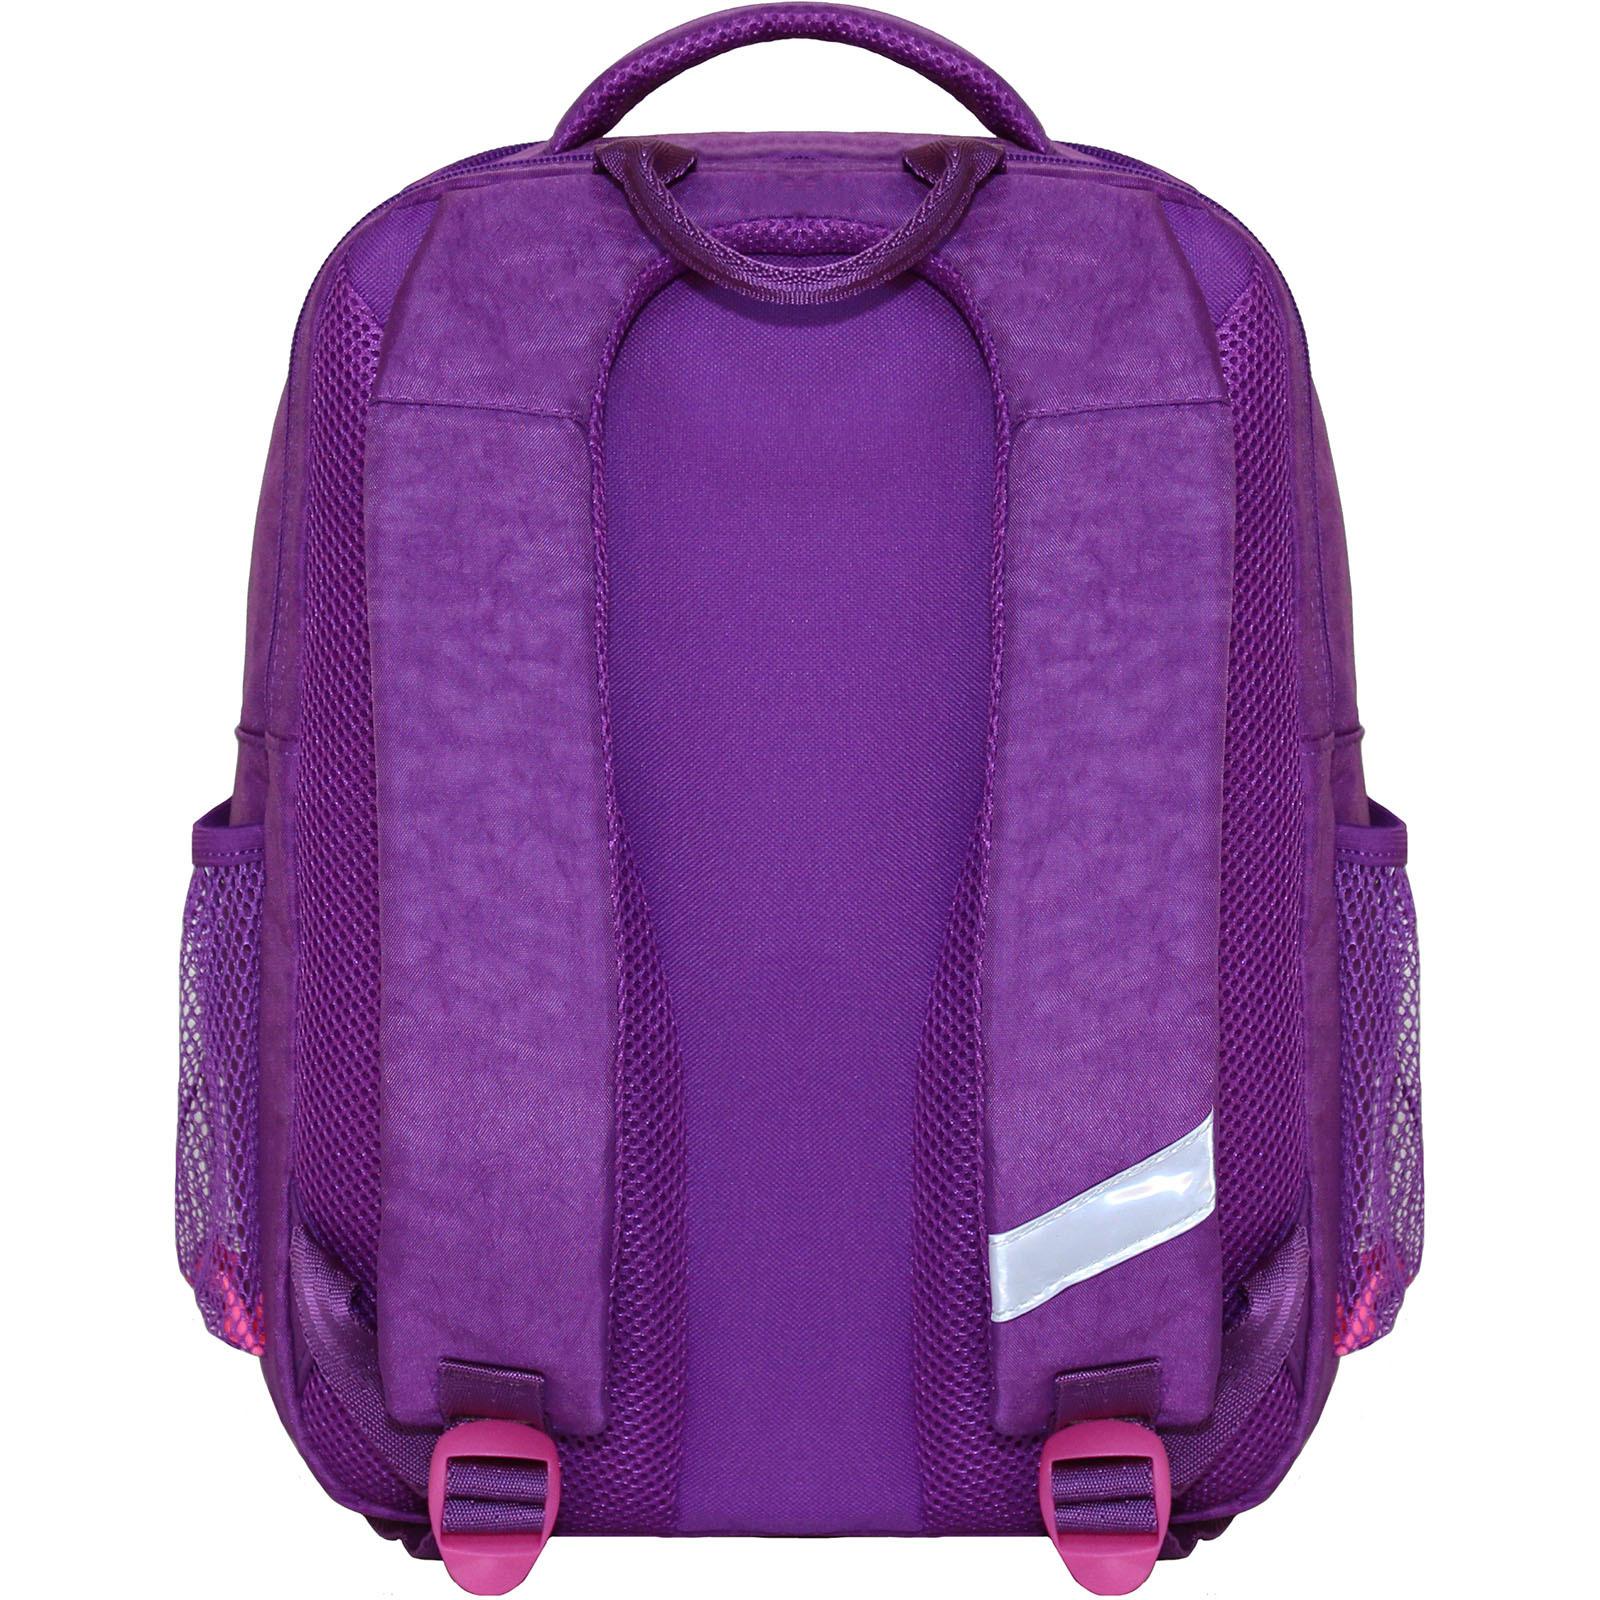 Рюкзак школьный Bagland Школьник 8 л. 339 фиолетовый 58д (0012870)